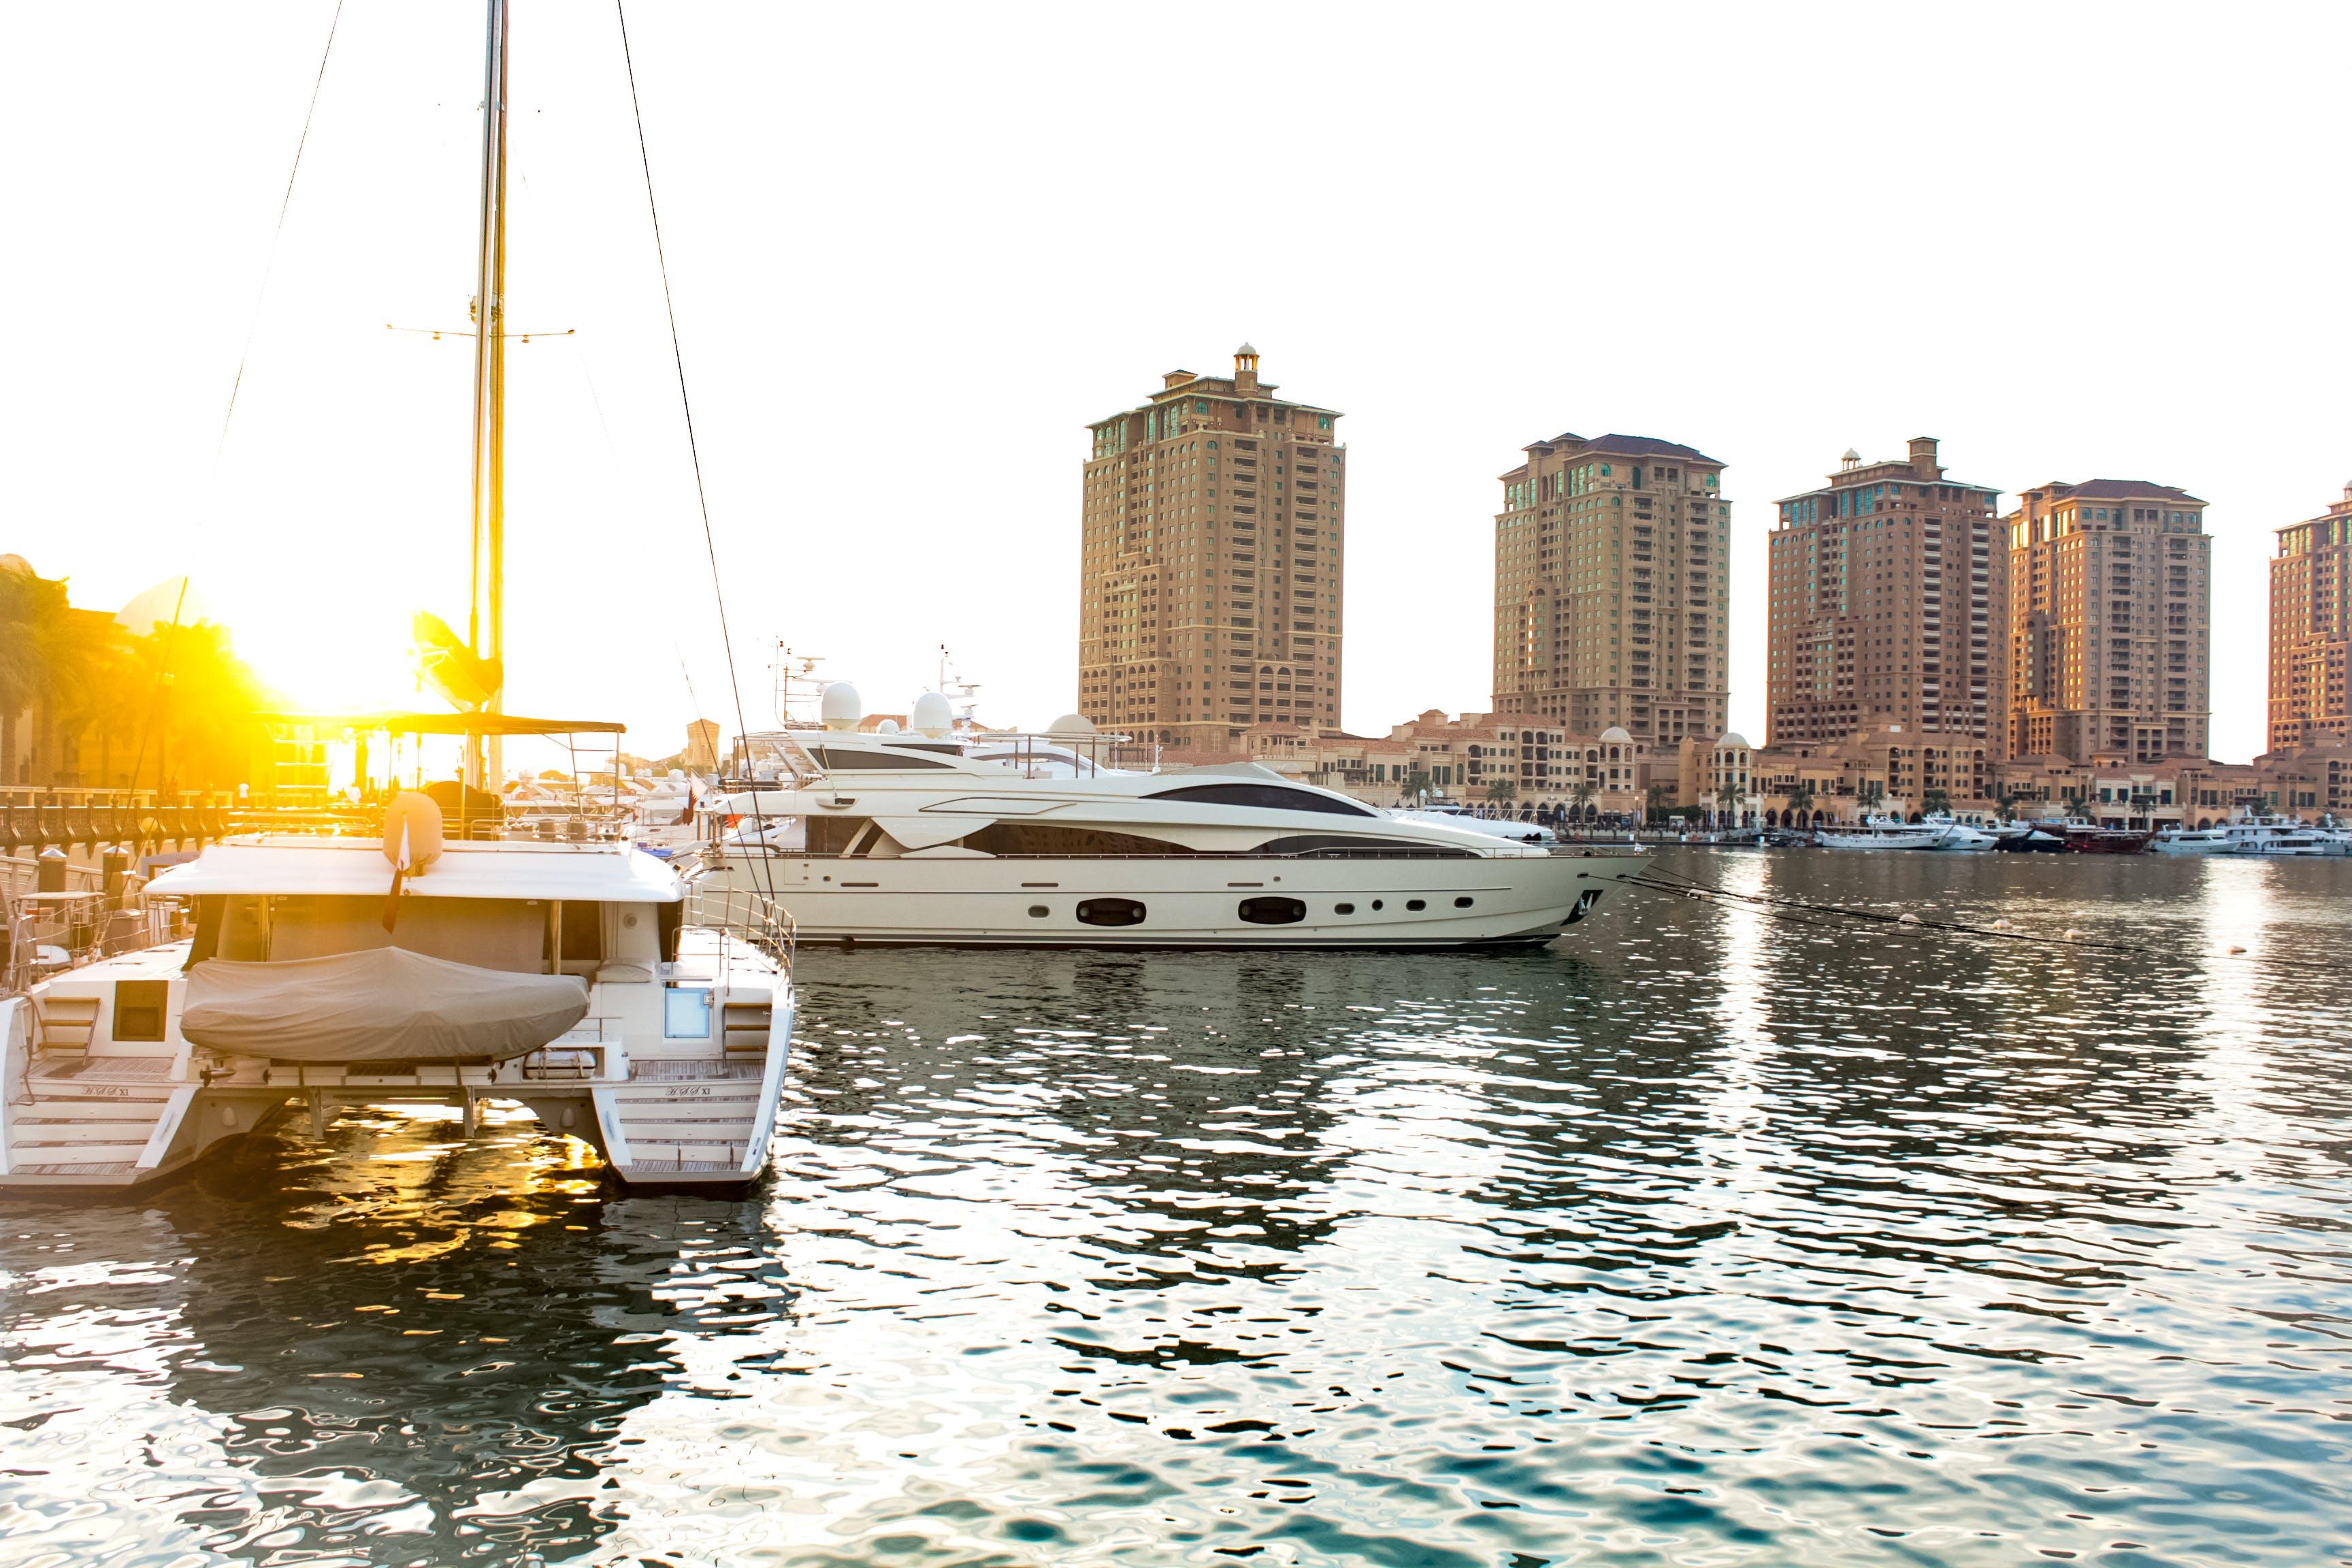 binalar, deniz aracı, deniz kenarı, fotoğrafçılık içeren Ücretsiz stok fotoğraf